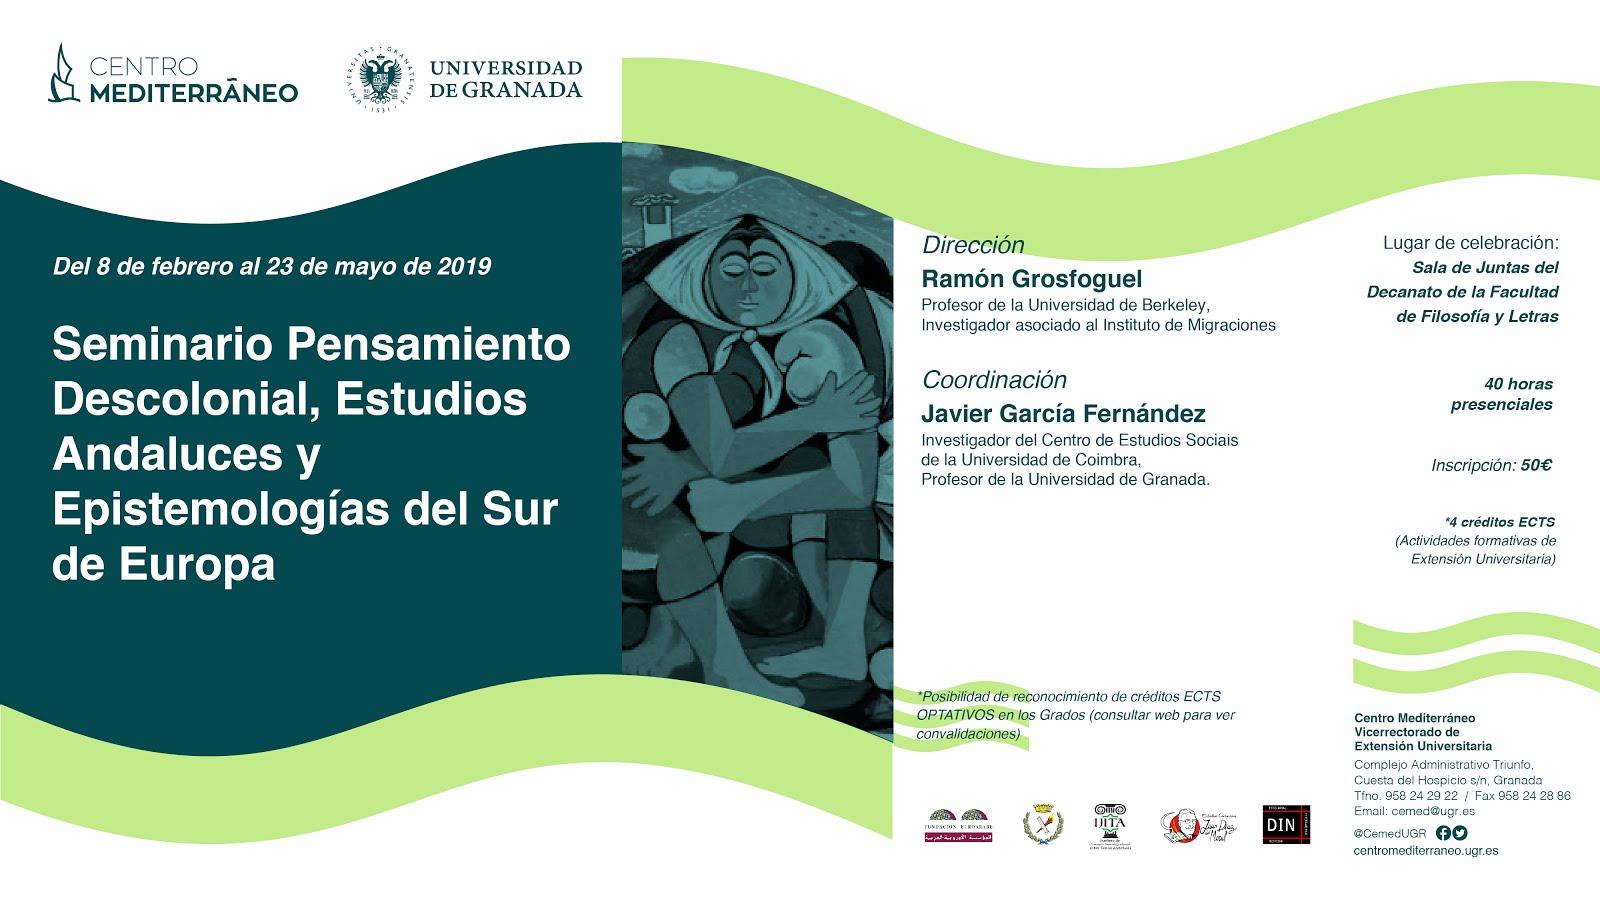 SEMINARIO PENSAMIENTO DESCOLONIAL.ESTUDIOS ANDALUCES Y EPISTEMOLÓGICOS DEL SUR DE EUROPA. Granada.